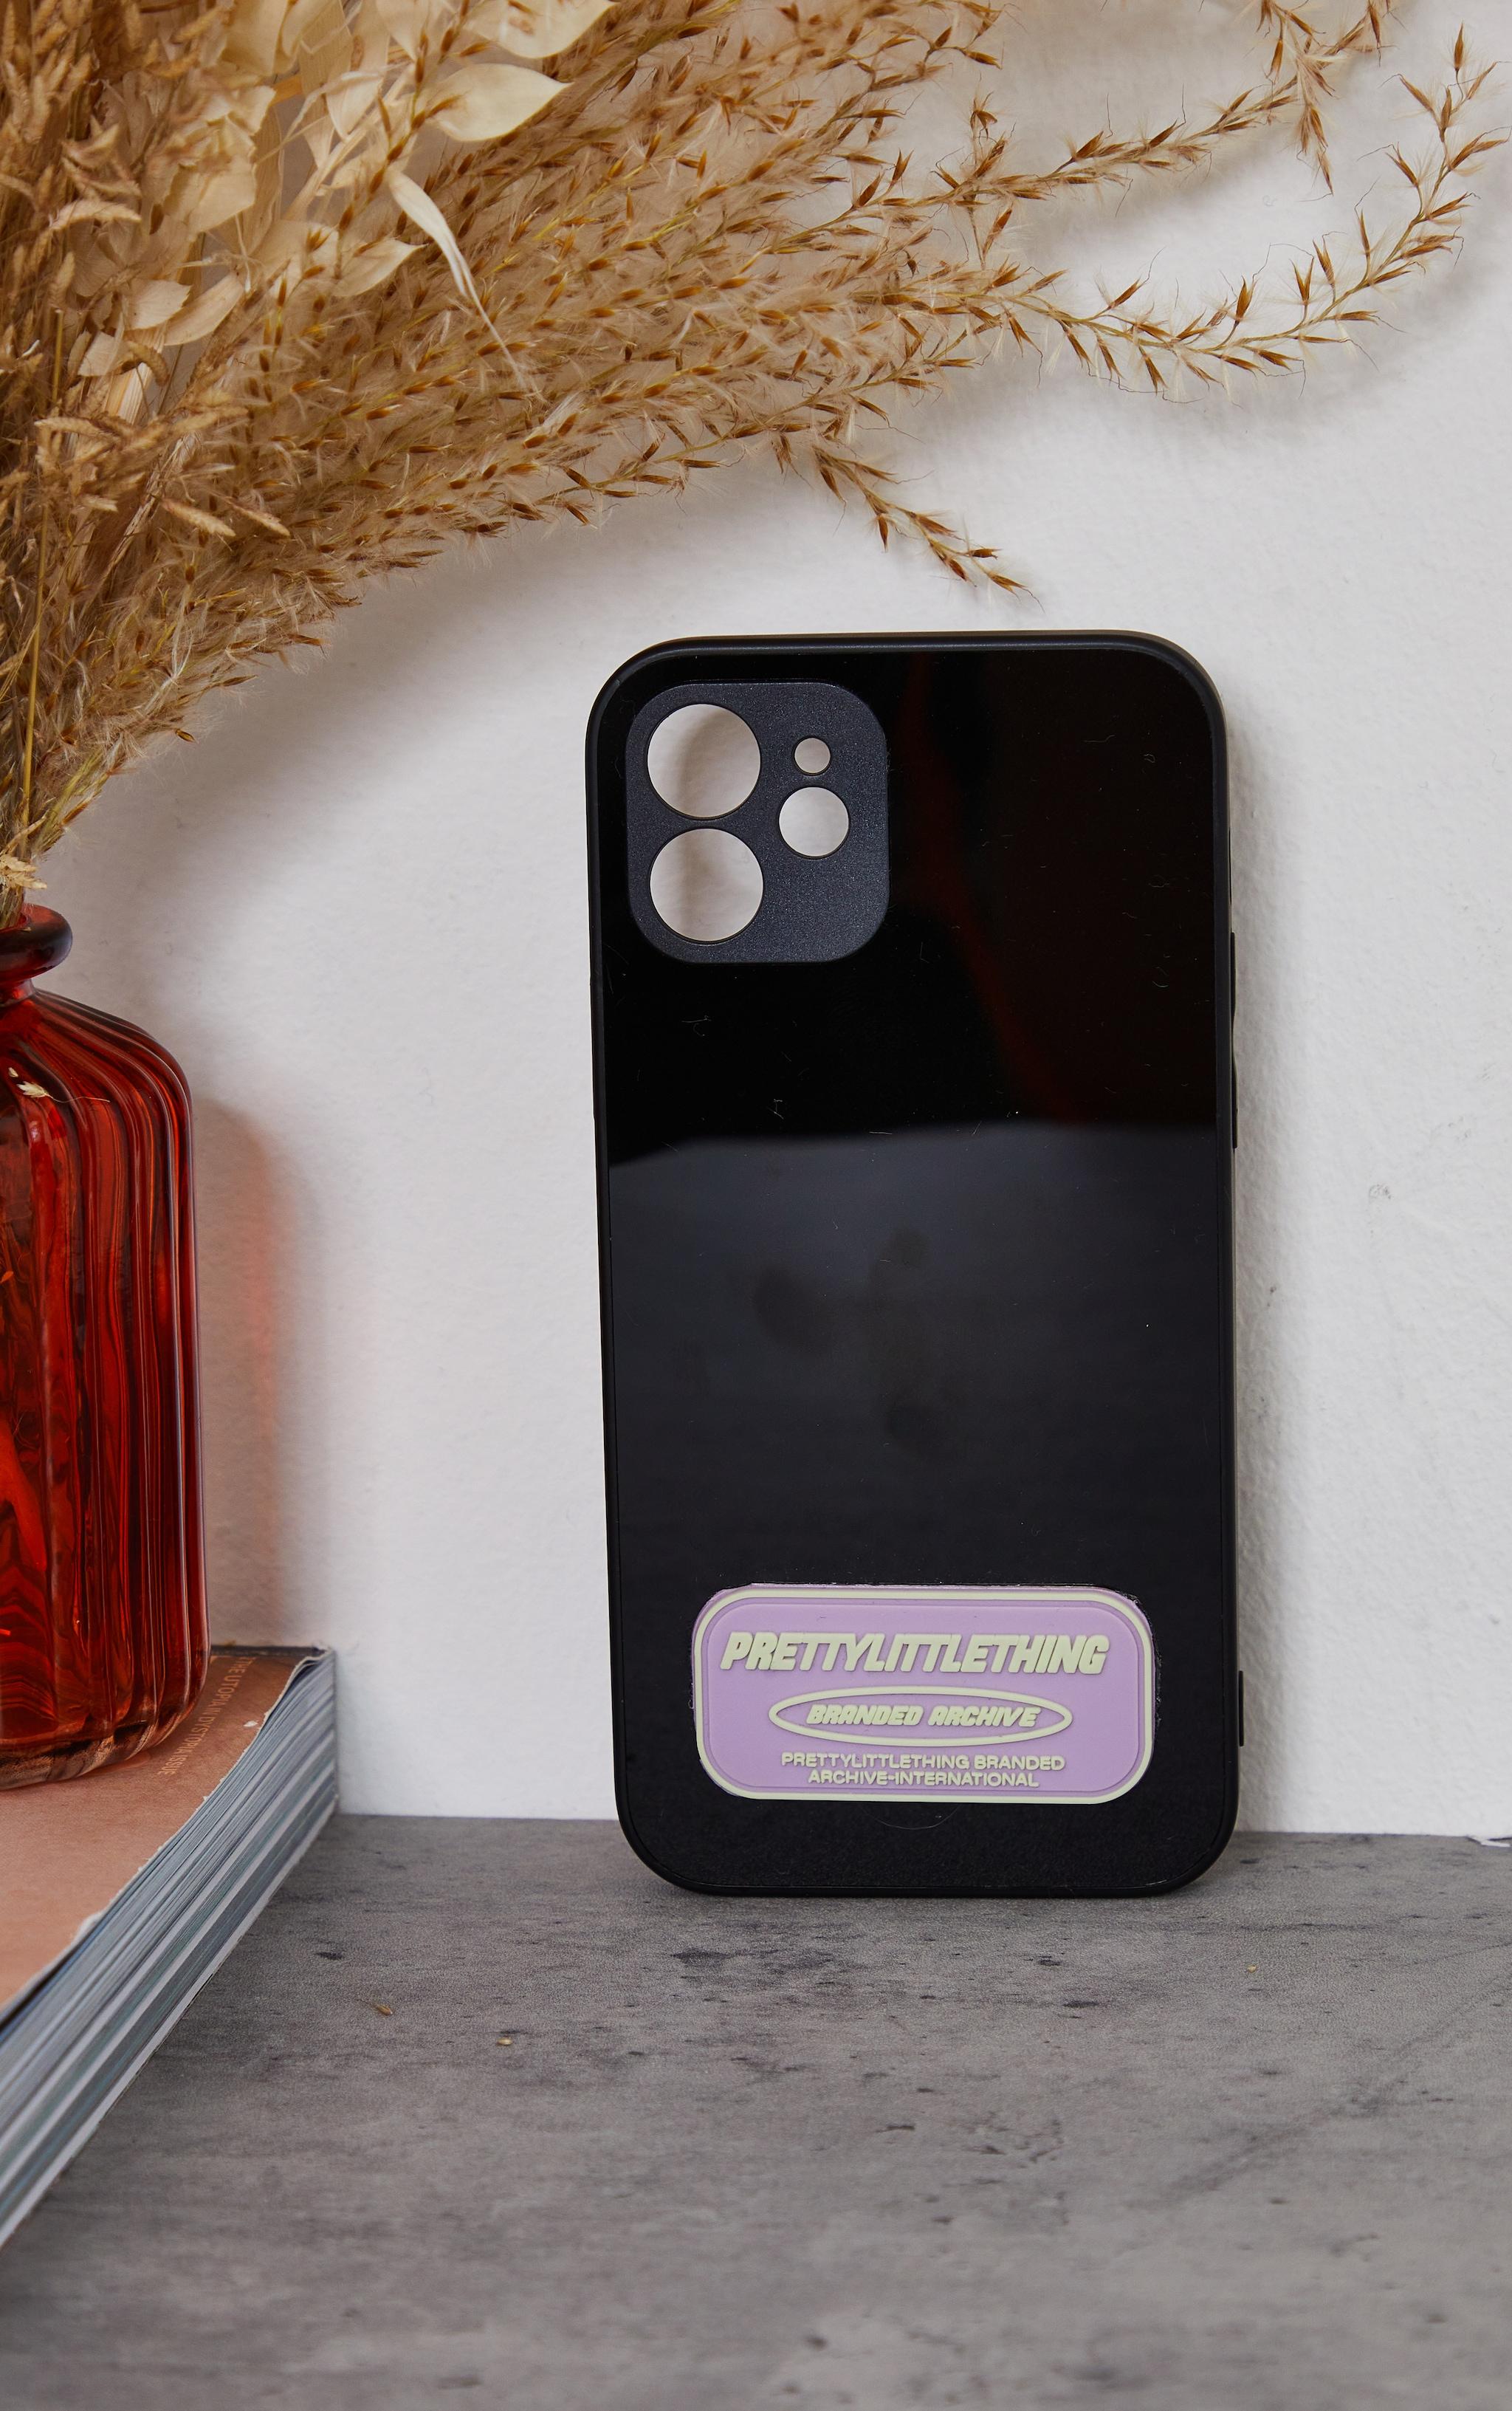 PRETTYLITTLETHING - Coque noire à imprimé Branded Archive pour iPhone 12/12 Pro 2